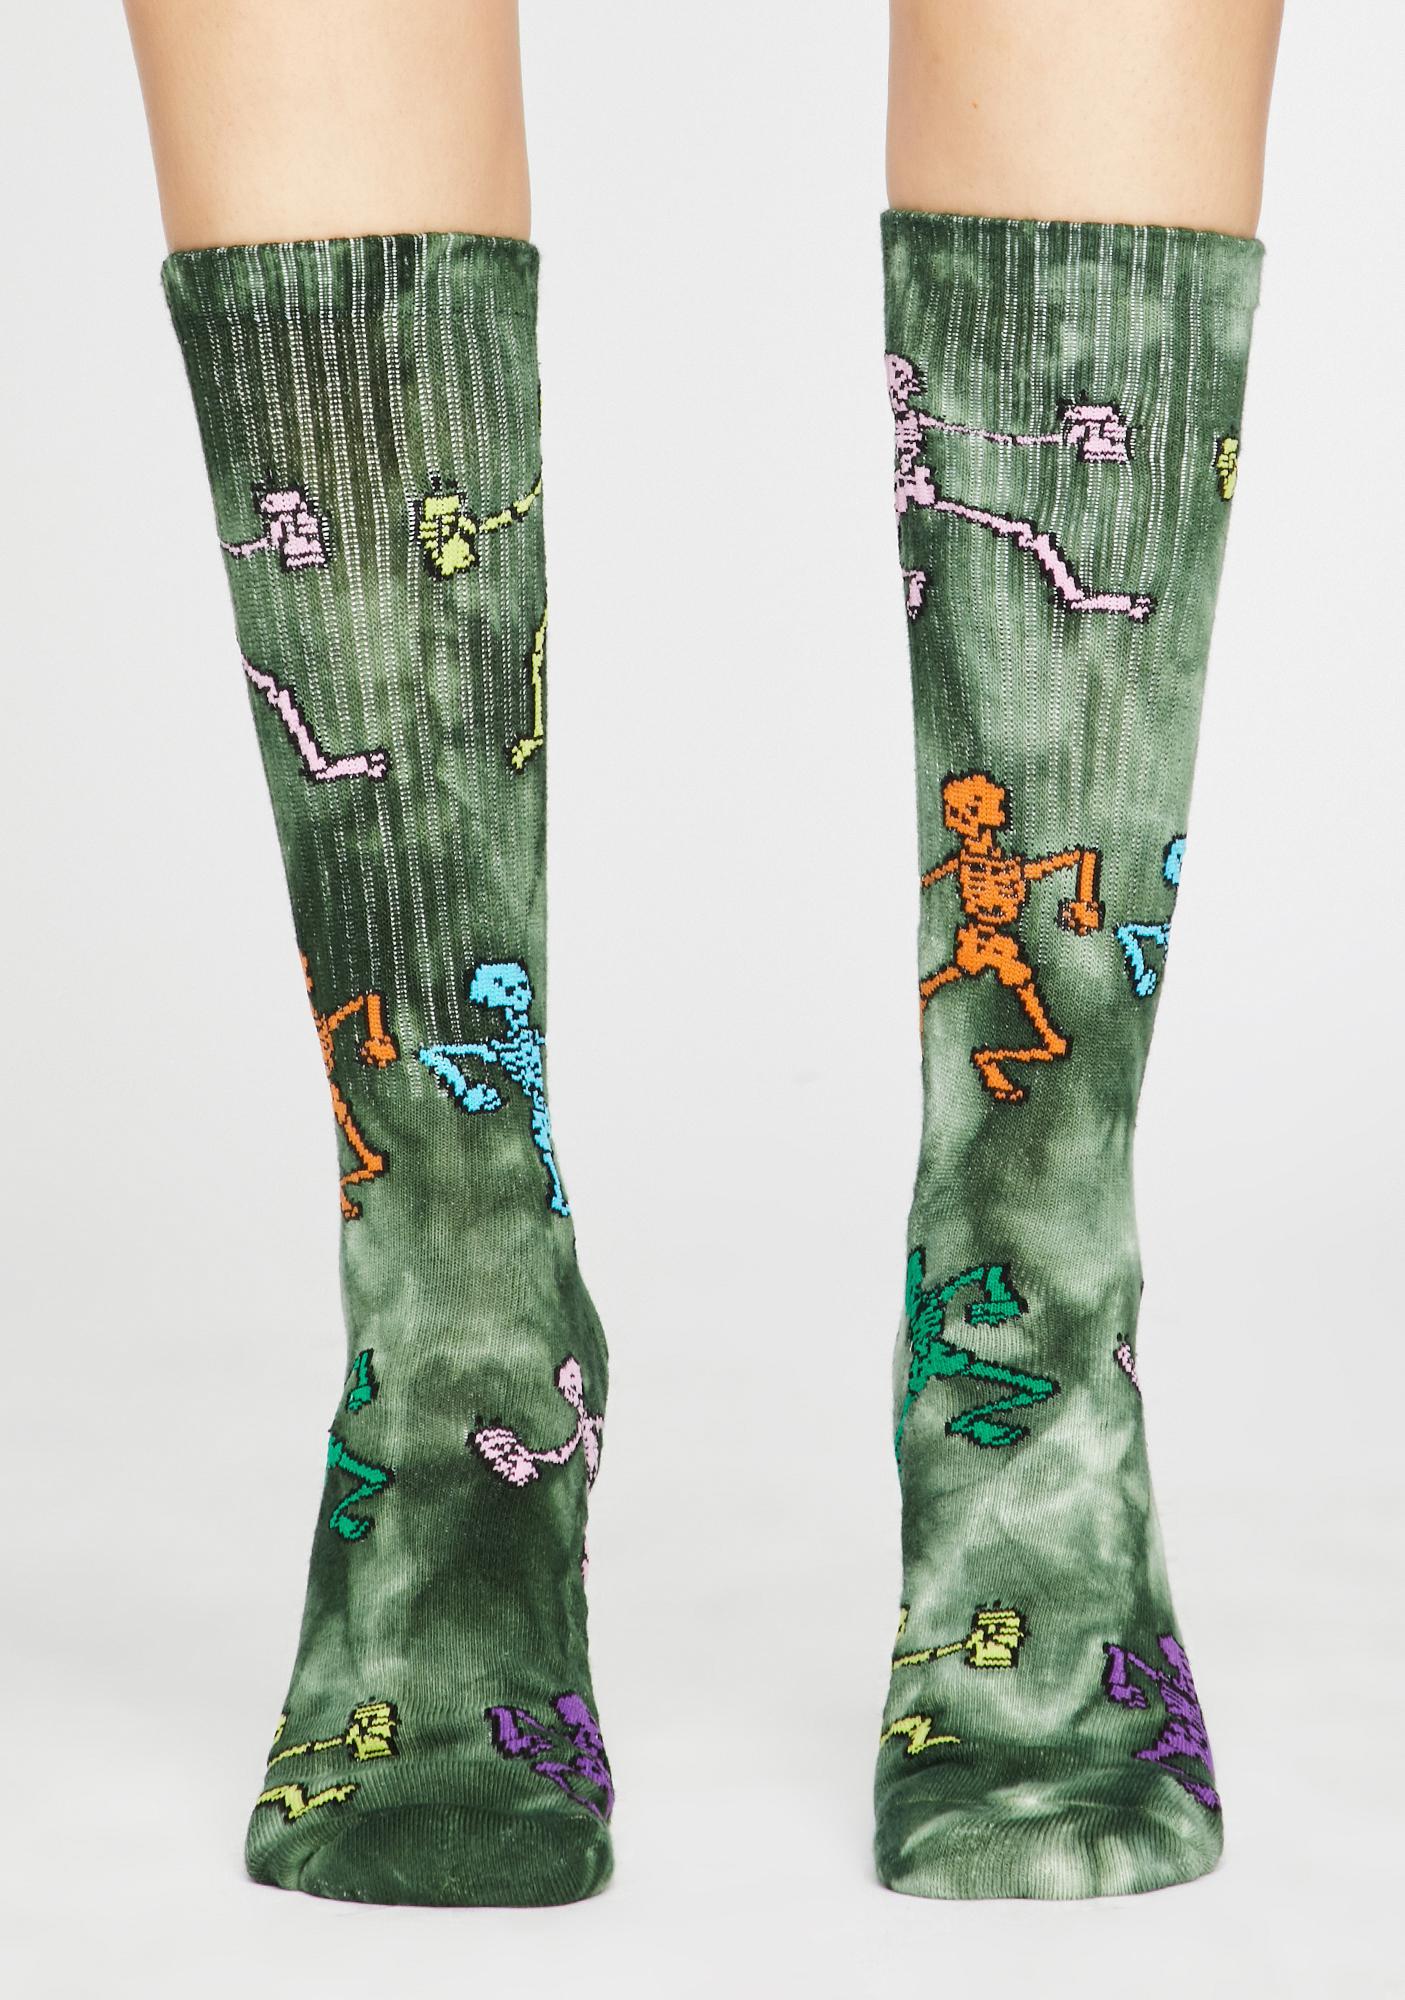 Ghastly Funny Bone Tie Dye Socks